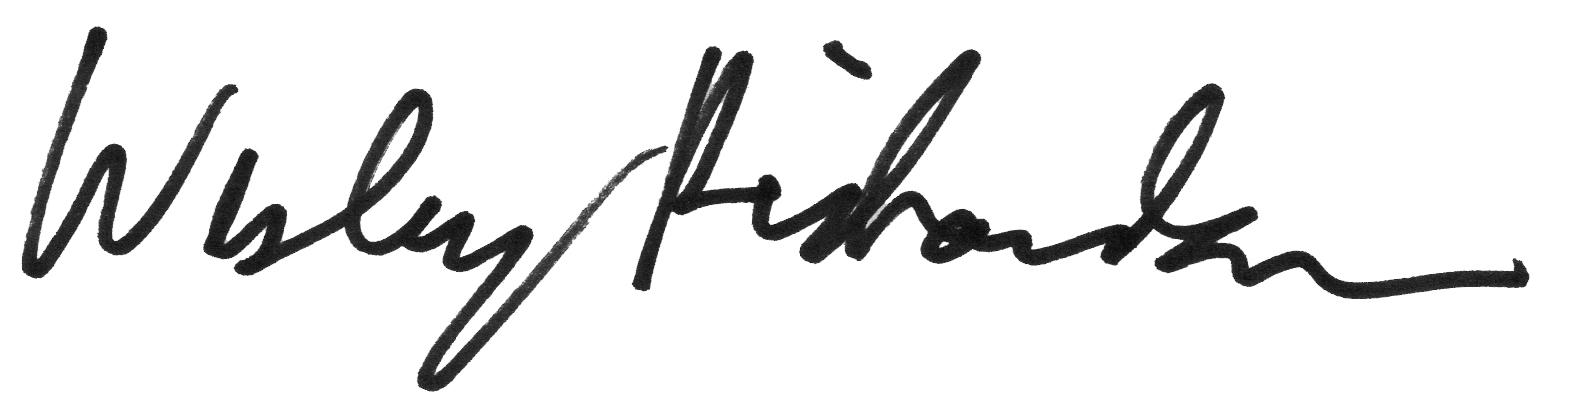 wesley j richardson's Signature